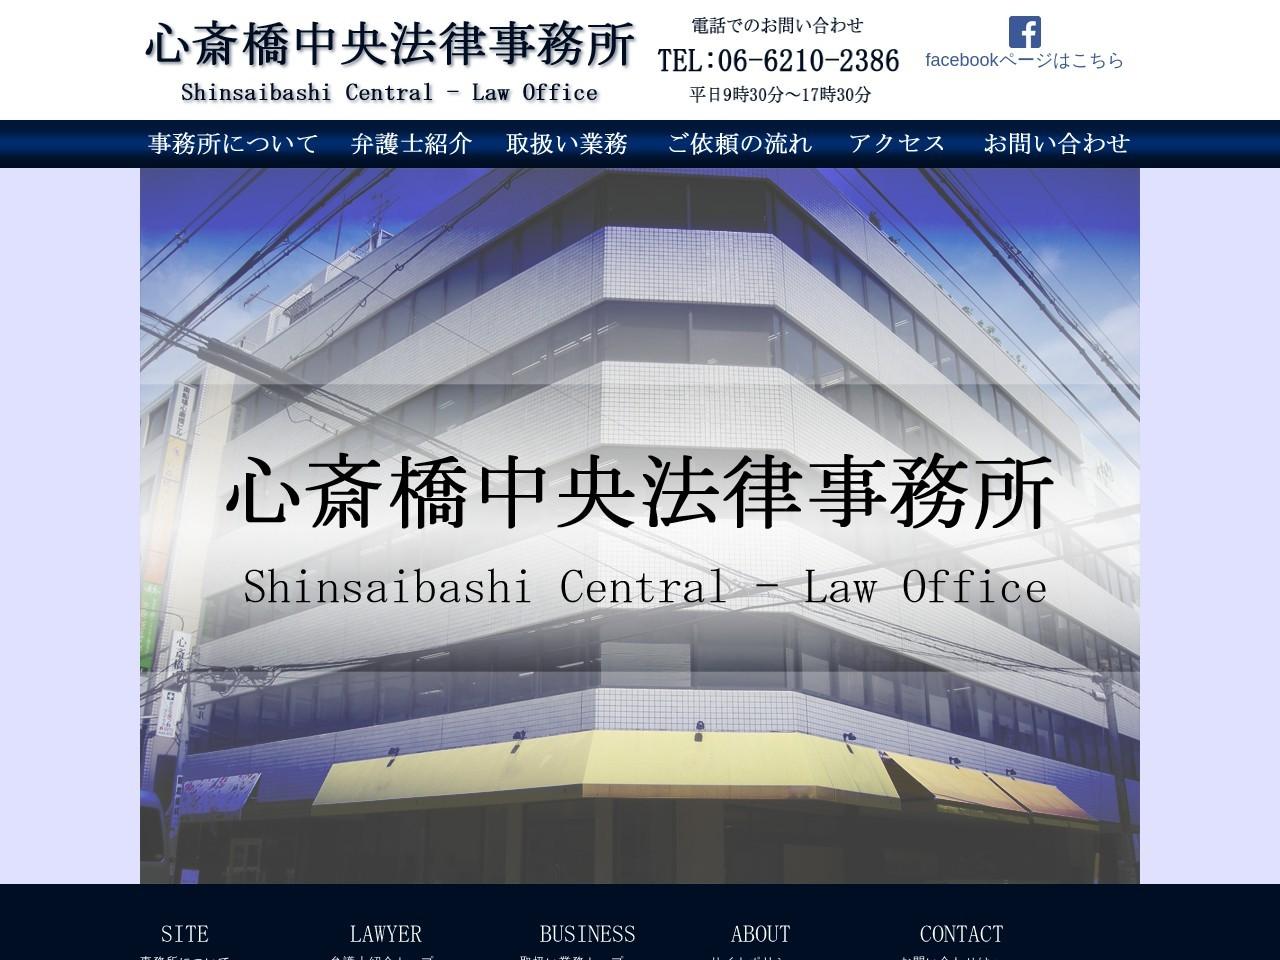 心斎橋中央法律事務所